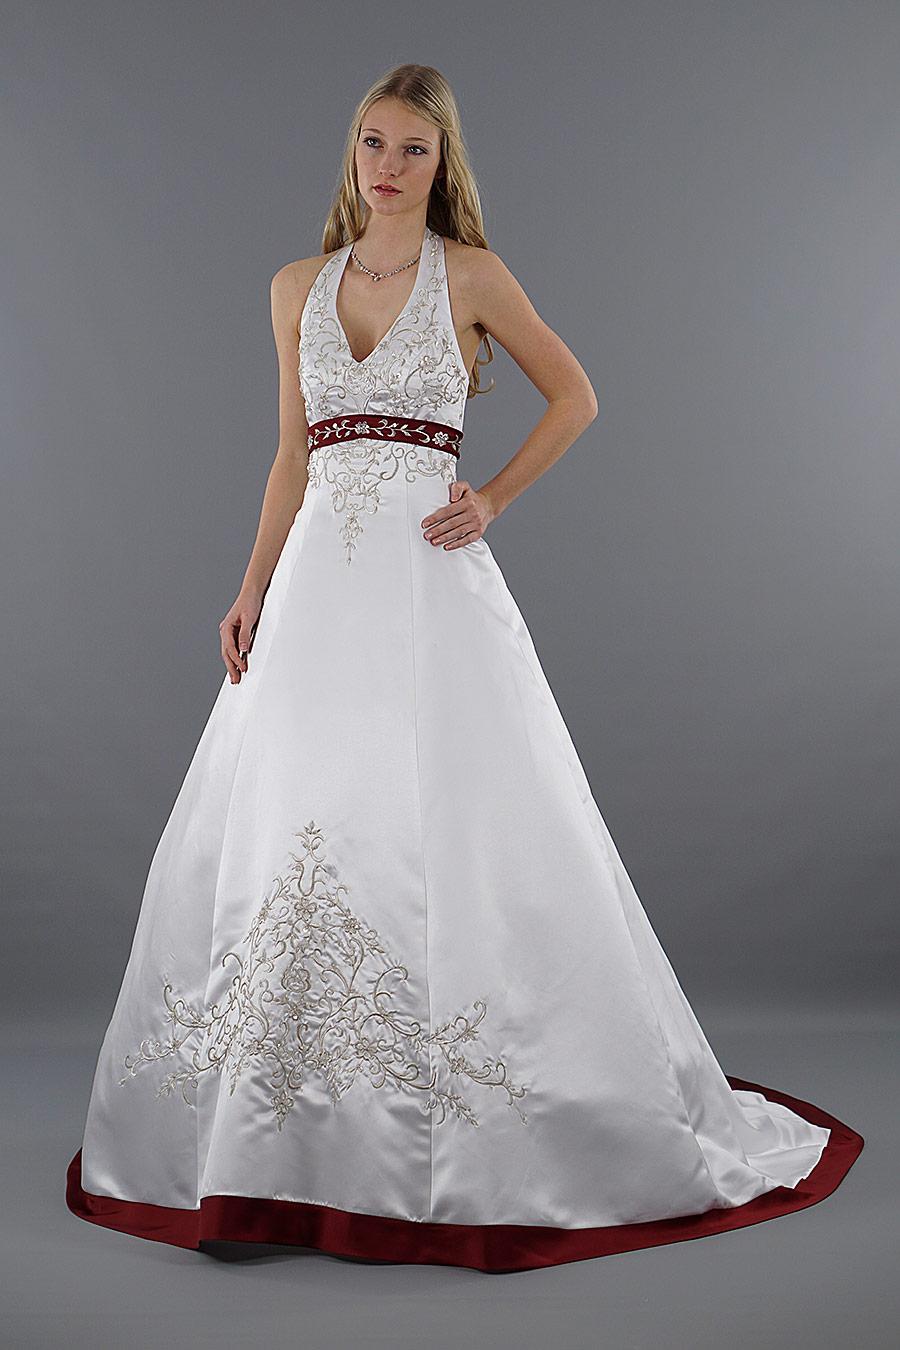 Brautkleider in Rot & Weiß | Brautkleider auf Lager | Schmetterling ...